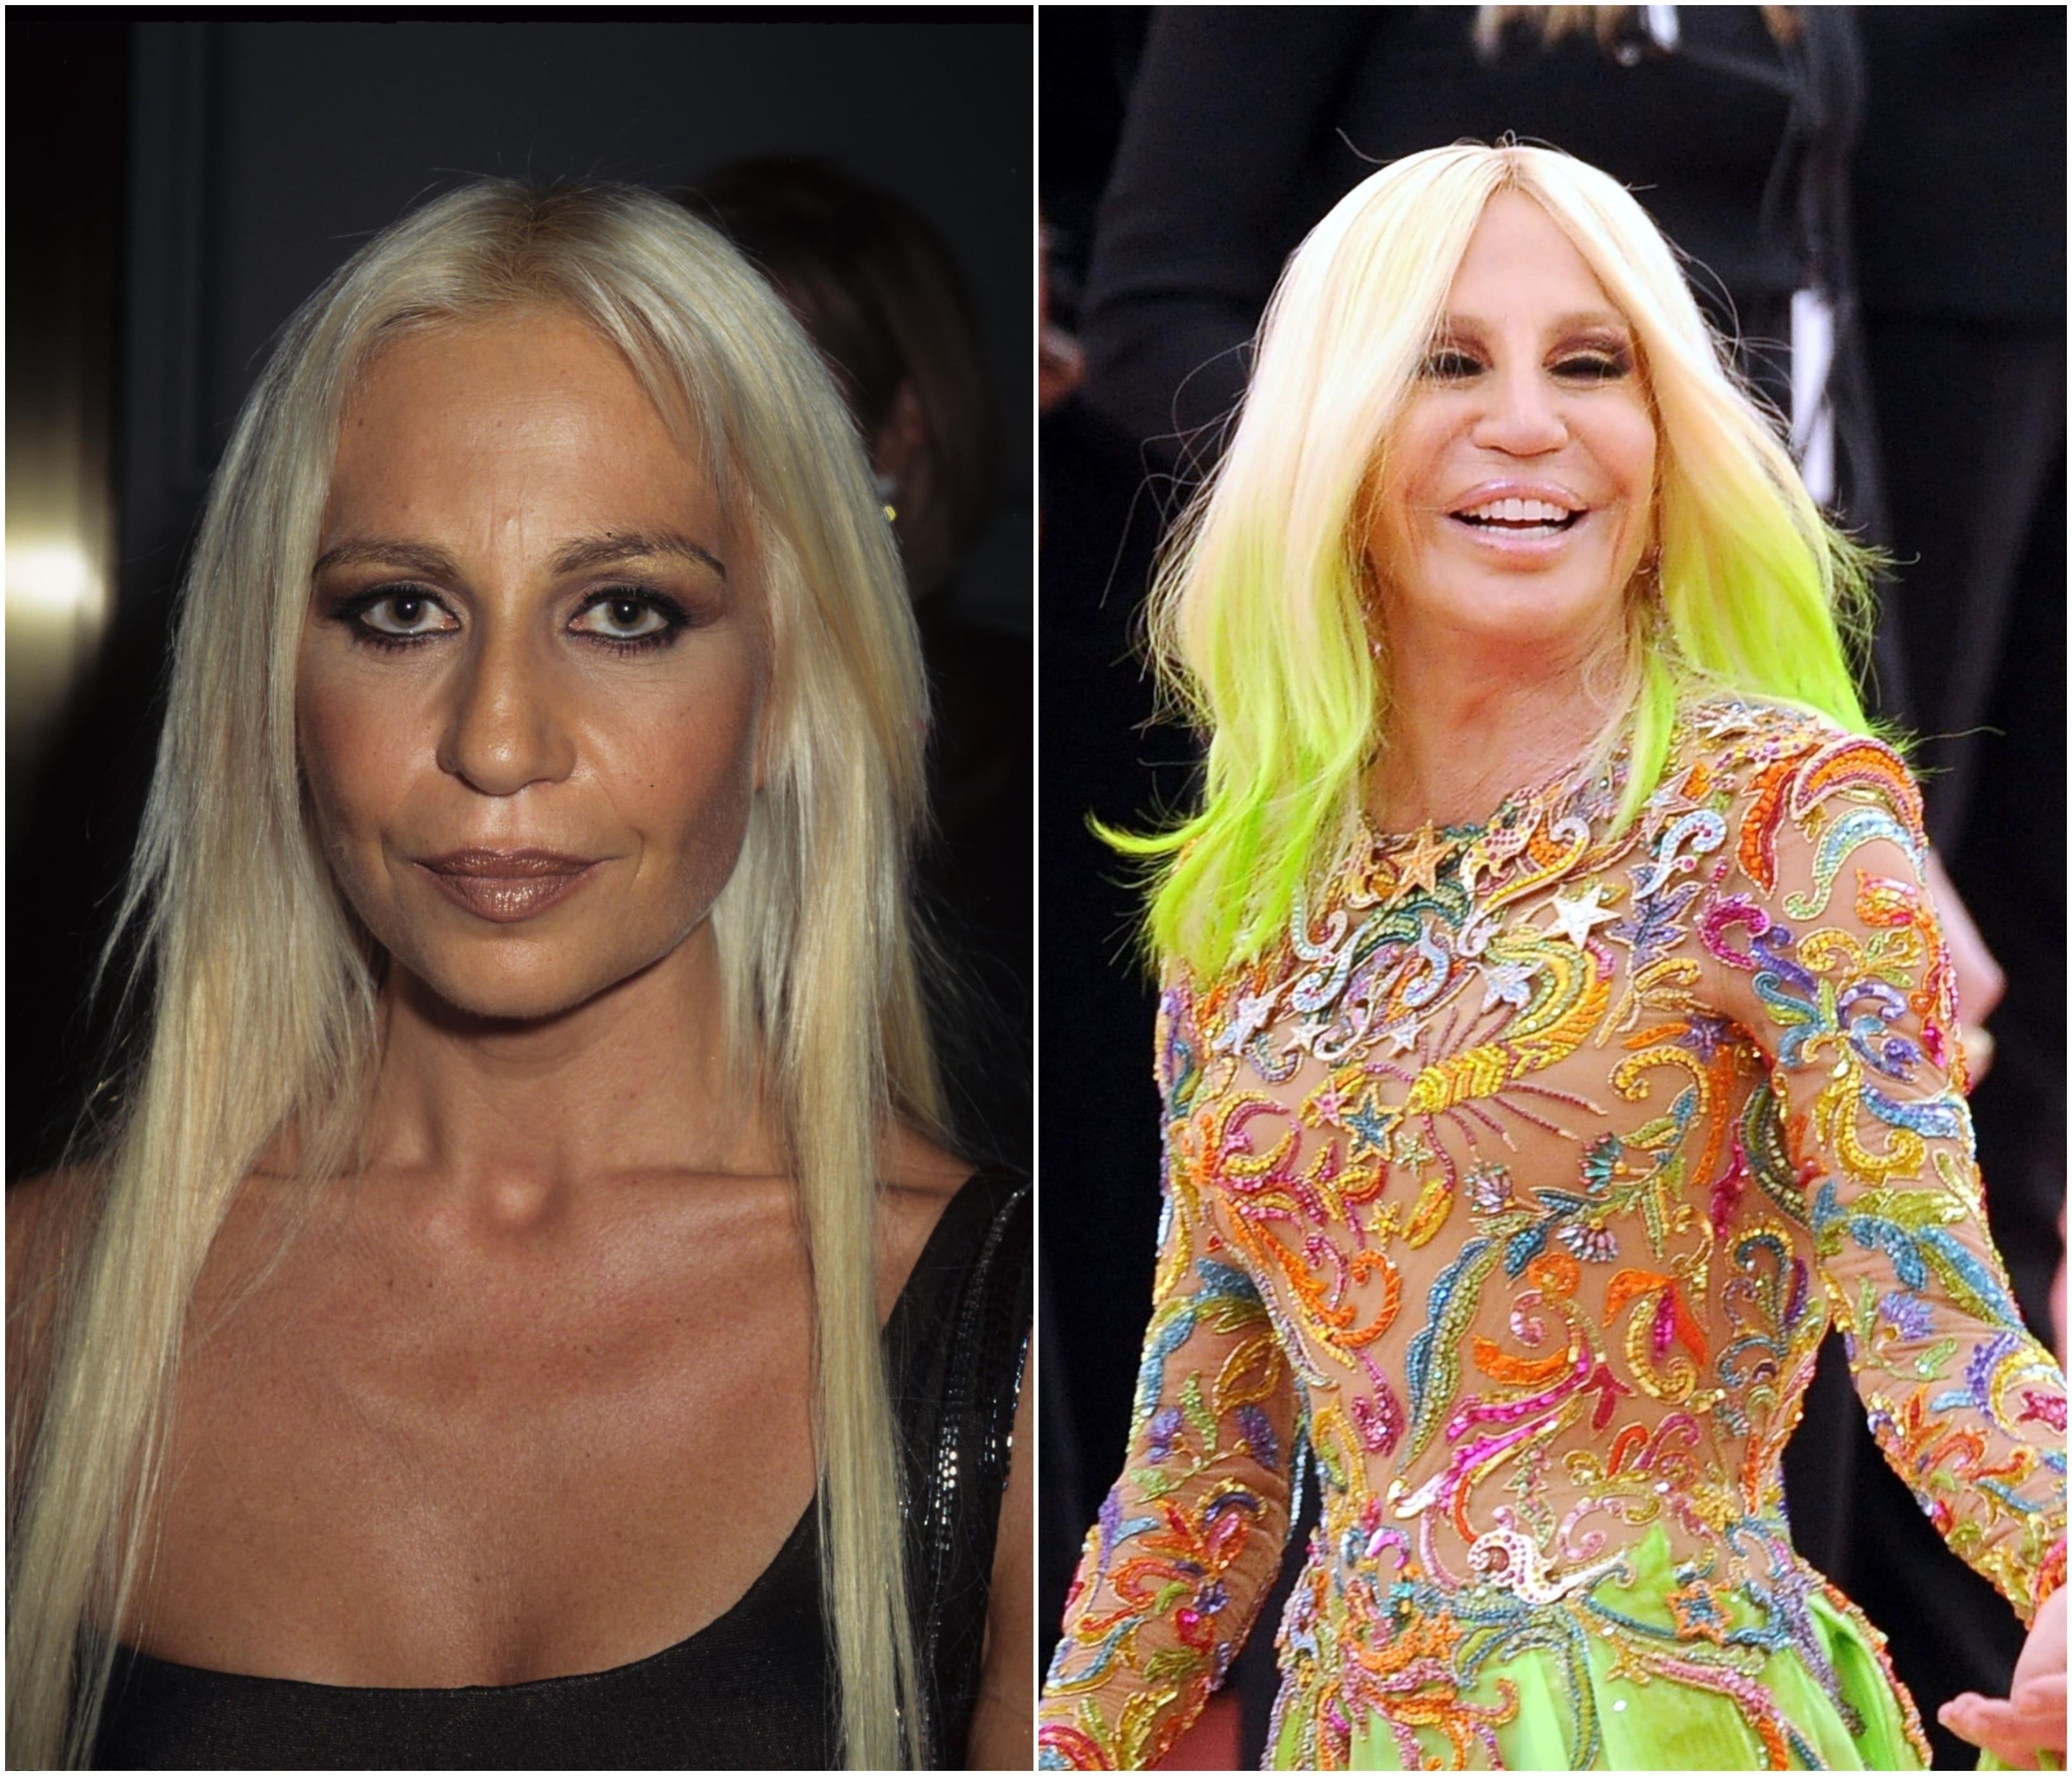 Look-ul Donatellei Versace s-a schimbat drastic în ultimii ani